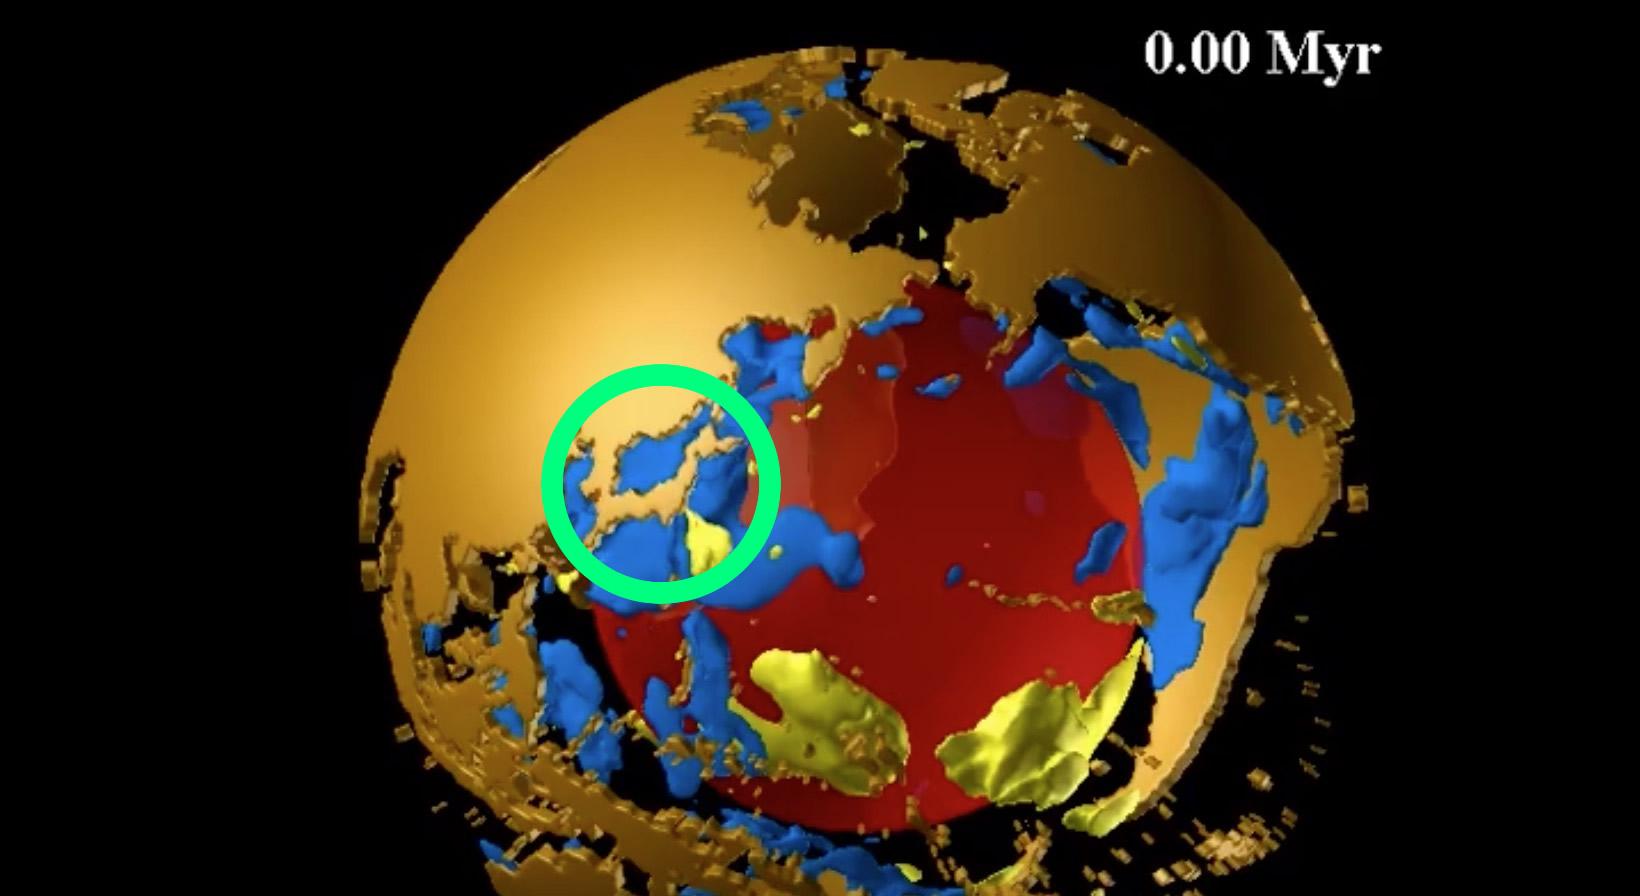 日本が大陸と合体し「島国」ではなくなる!現在から2億5000万年後までの大陸移動のシミュレーションが凄い!